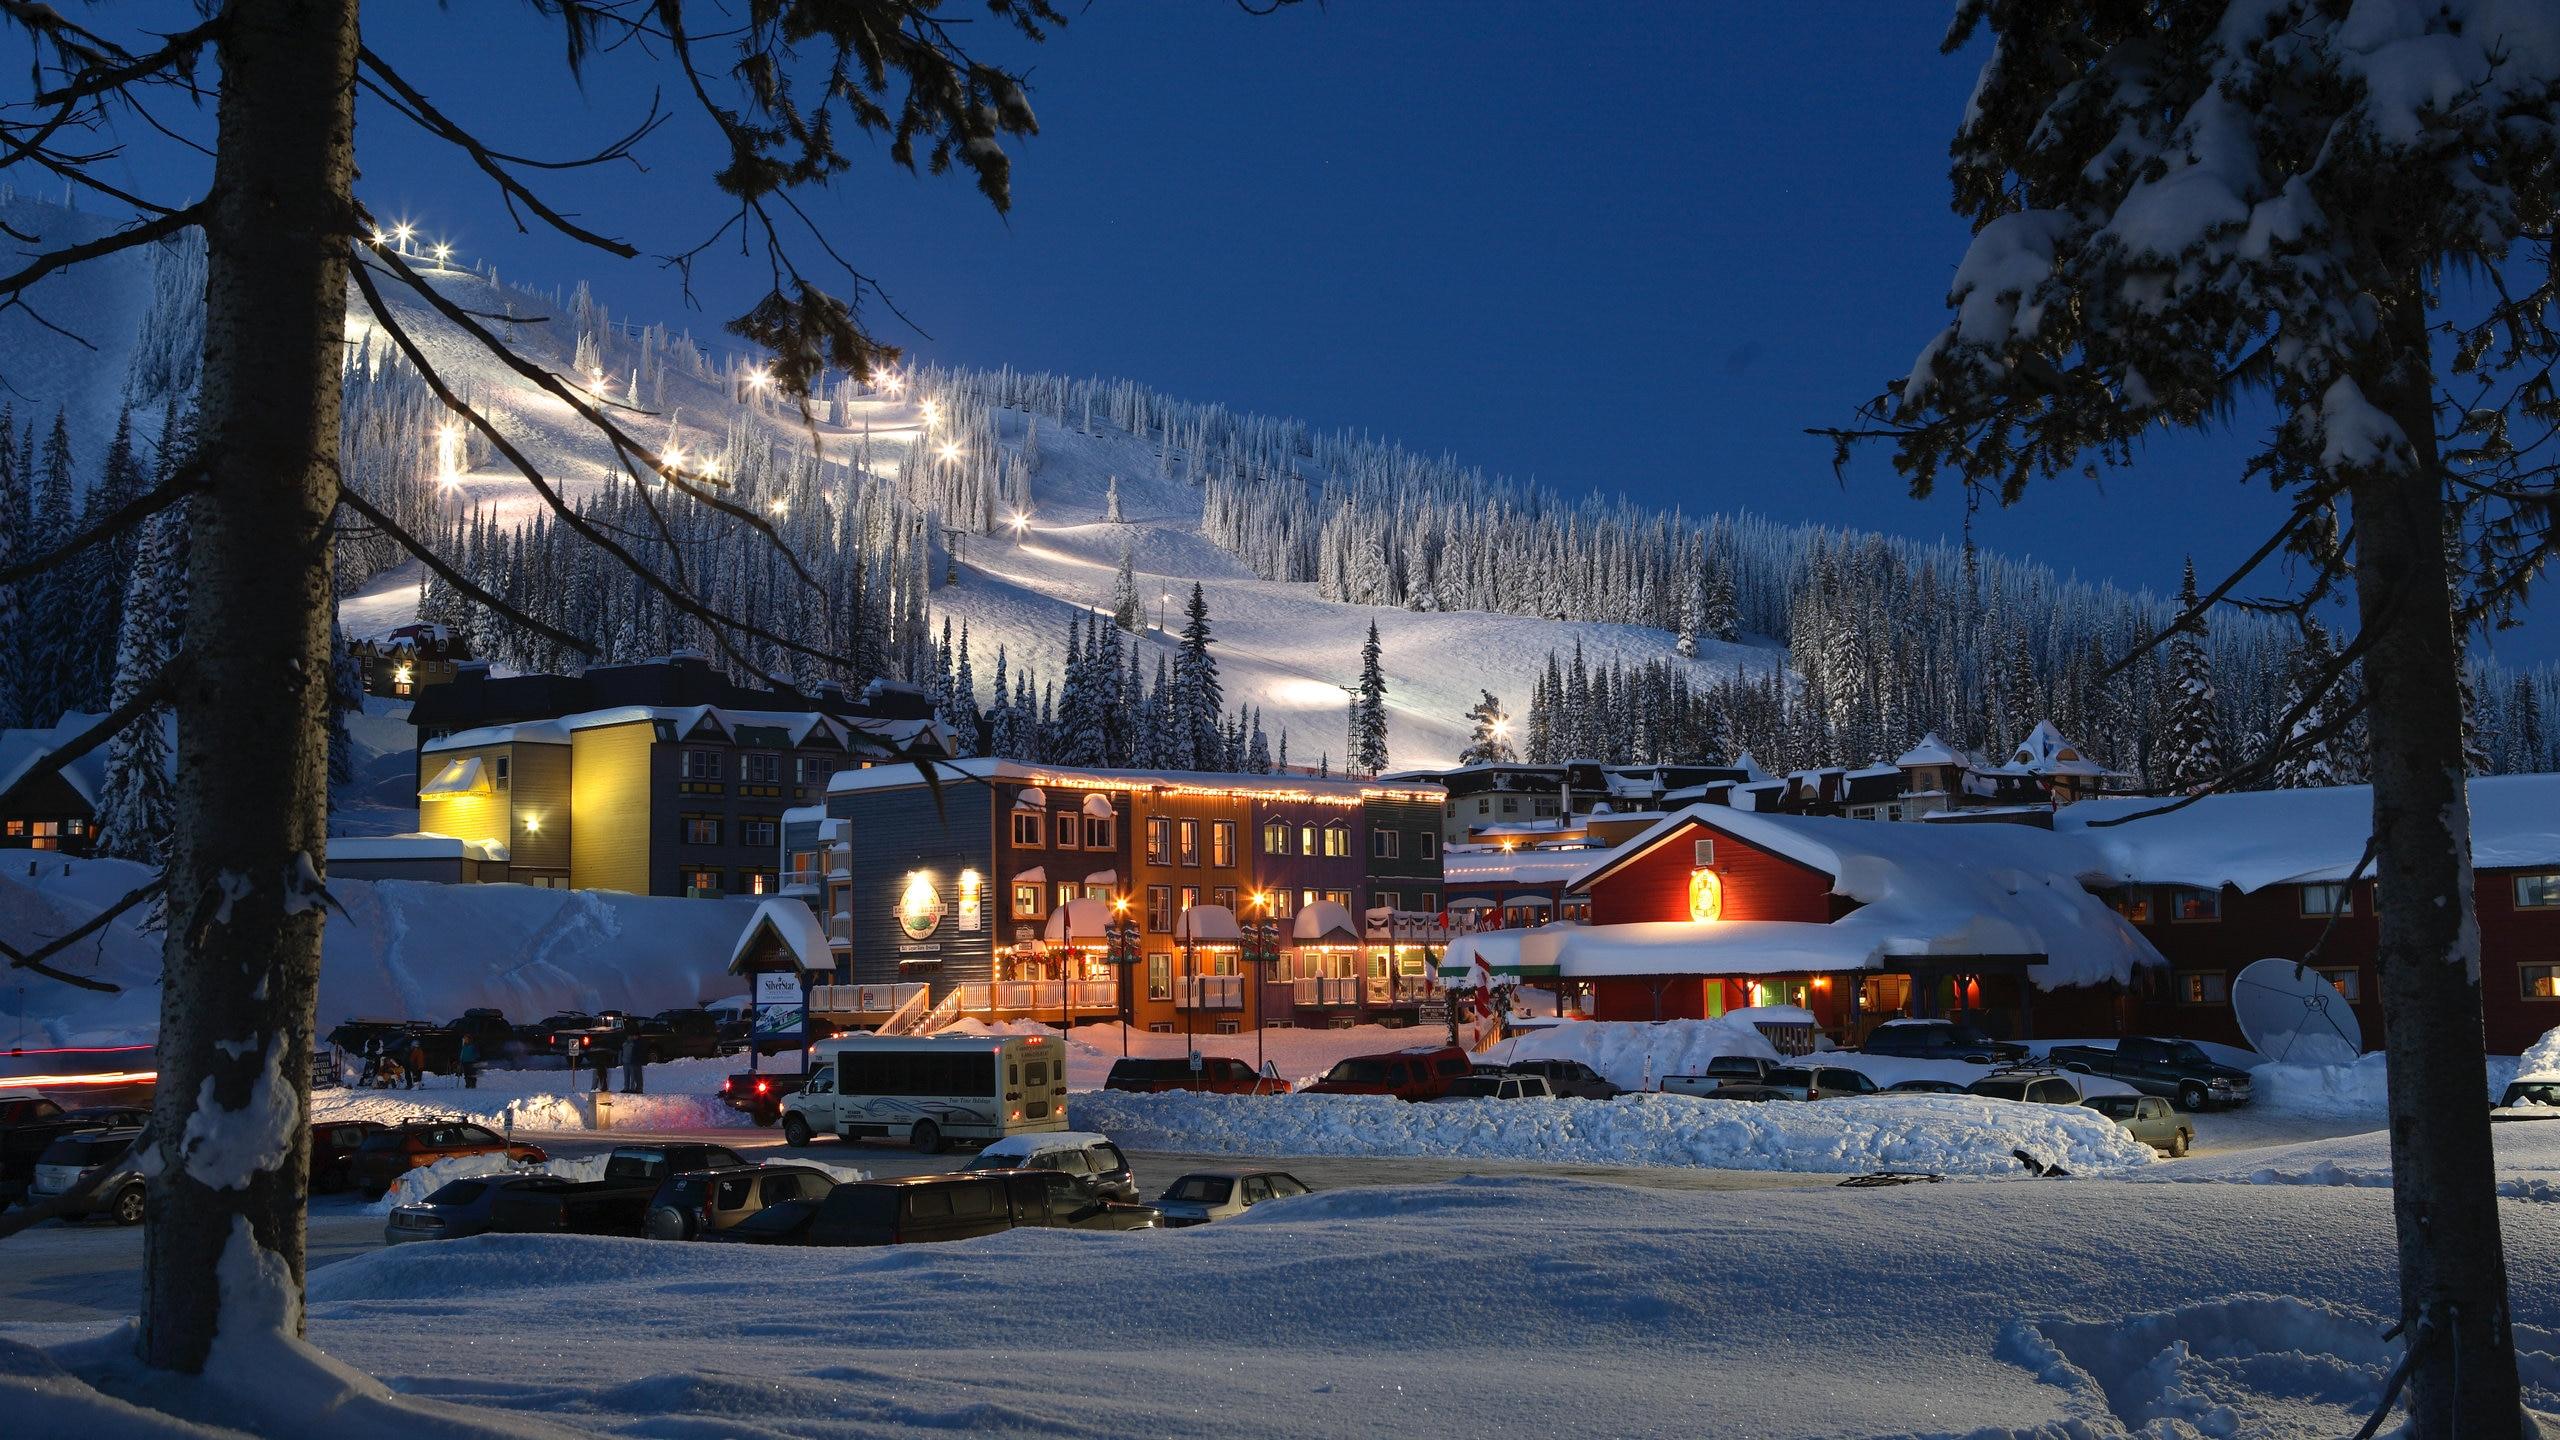 Vernon, British Columbia, Canada